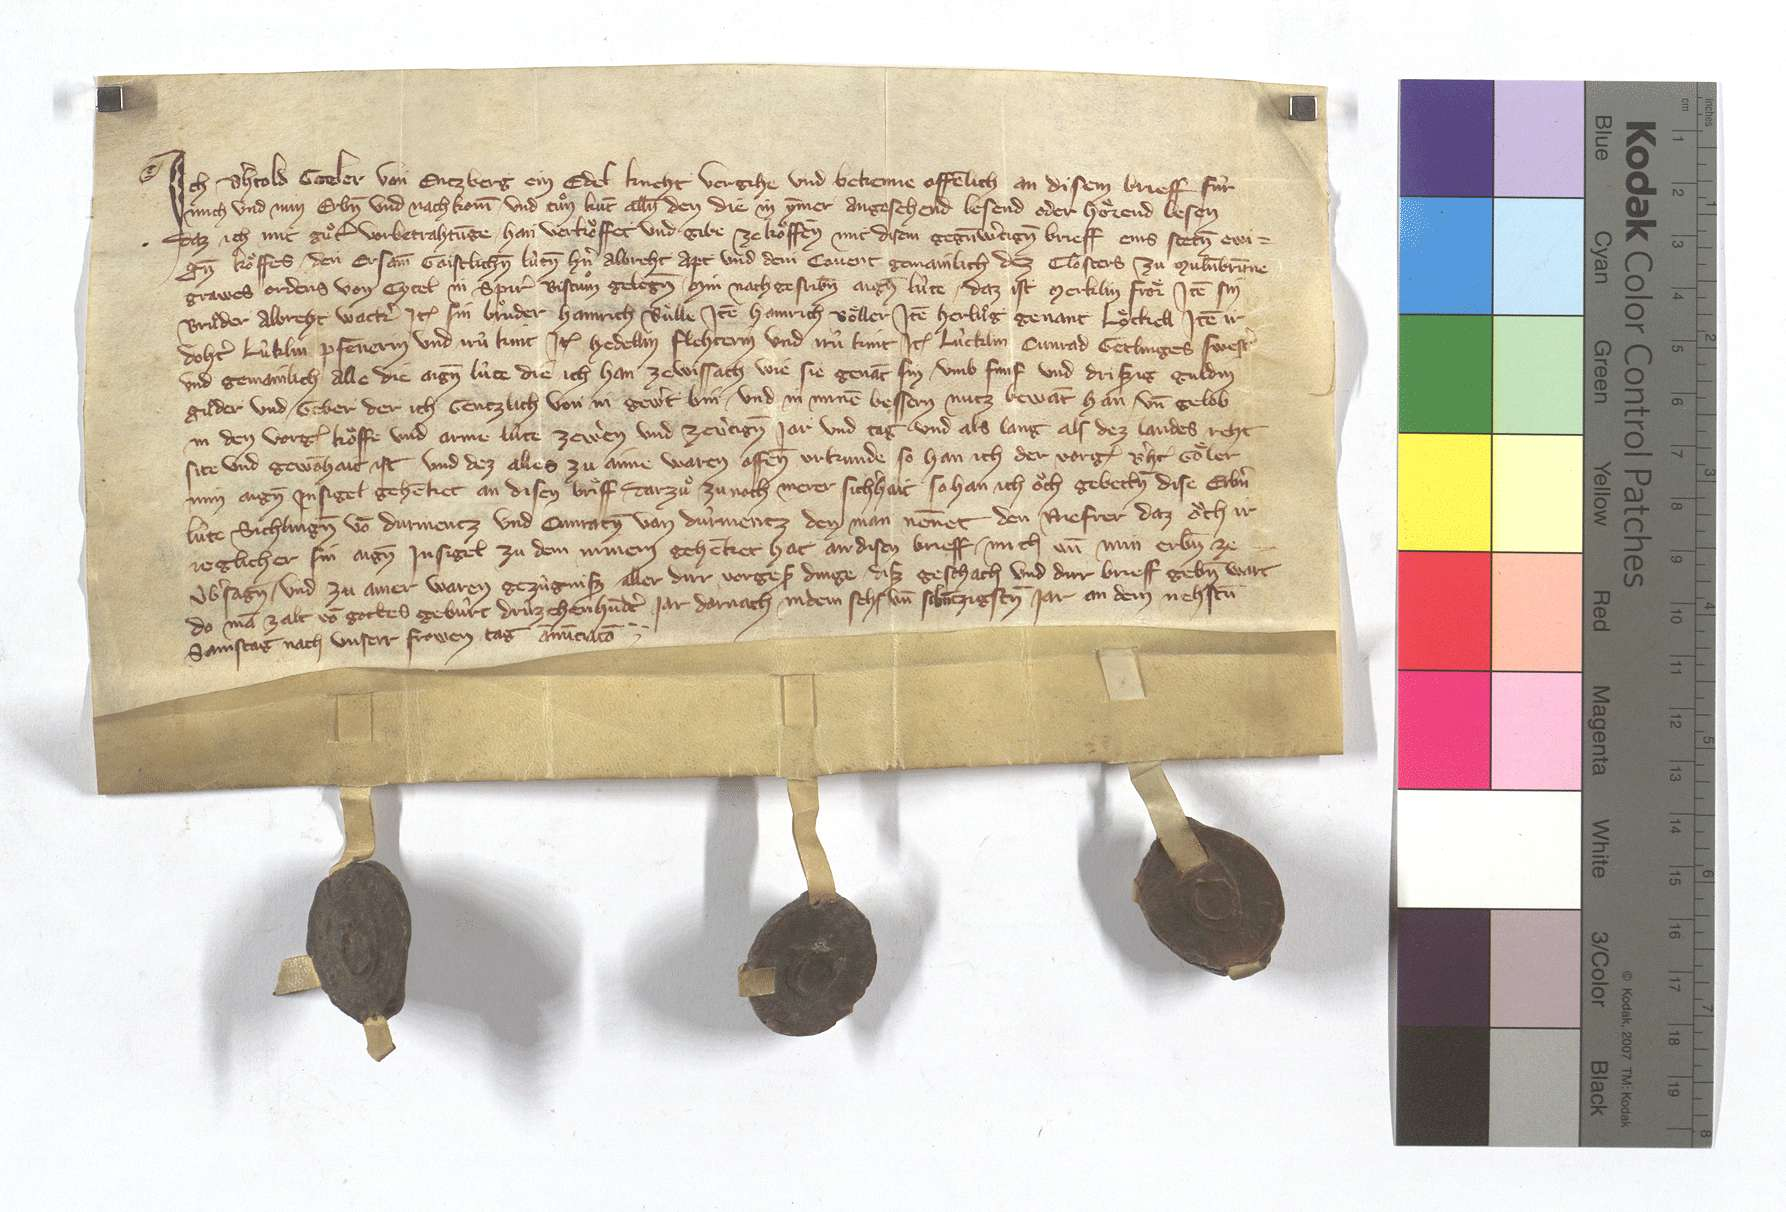 Fertigung des Berthold (Berhtold) Goler von Enzberg gegen das Kloster Maulbronn um seine Leibeigenen in Weissach., Text